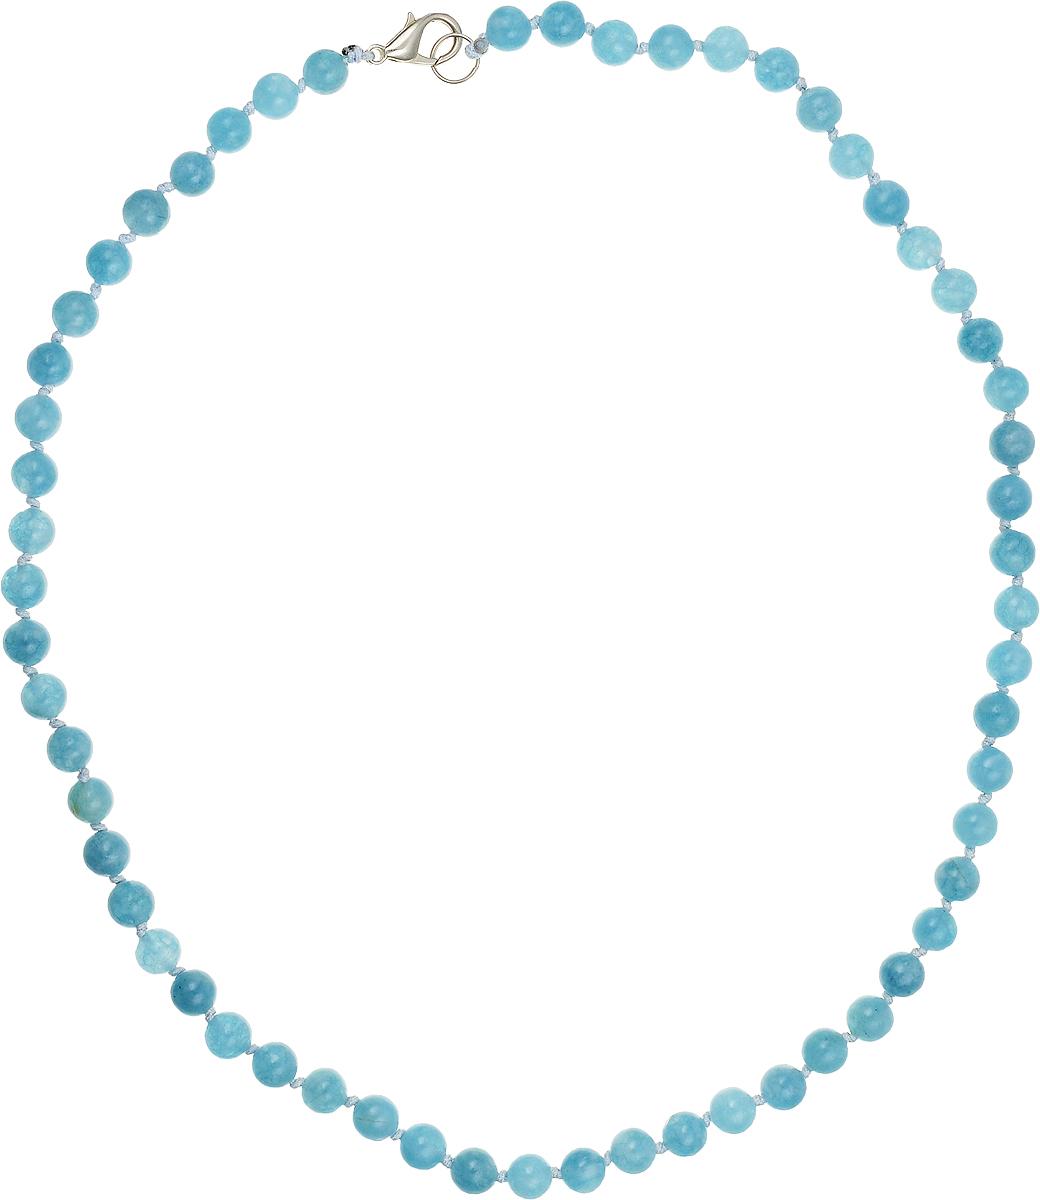 Бусы Art-Silver, цвет: голубой, длина 45 см. АК6-45-211АК6-45-211Бусы Art-Silver подчеркнут изящество и непревзойденный вкус своей обладательницы. Они выполнены из бижутерного сплава и аквамарина диаметром 6 мм. Изделие оснащено удобным замком-карабином. Аквамарин - камень необыкновенной красоты, имеющий нежно-голубую окраску. Считается, что украшения из аквамарина способны менять свой цвет в зависимости от капризов погоды и настроения своего владельца. Уже несколько столетий минерал является талисманом моряков, благодаря своим способностям усмирять разбушевавшуюся стихию. Магические свойства камня проявляются не только на природных явлениях. Ему под силу успокаивать бурю человеческих эмоций. Аквамарин помогает обрести друзей и избавиться от одиночества. Поскольку самоцвет считается «водным» камнем, то его также рекомендуют для снятия отеков, налаживания водно-солевого баланса в организме.